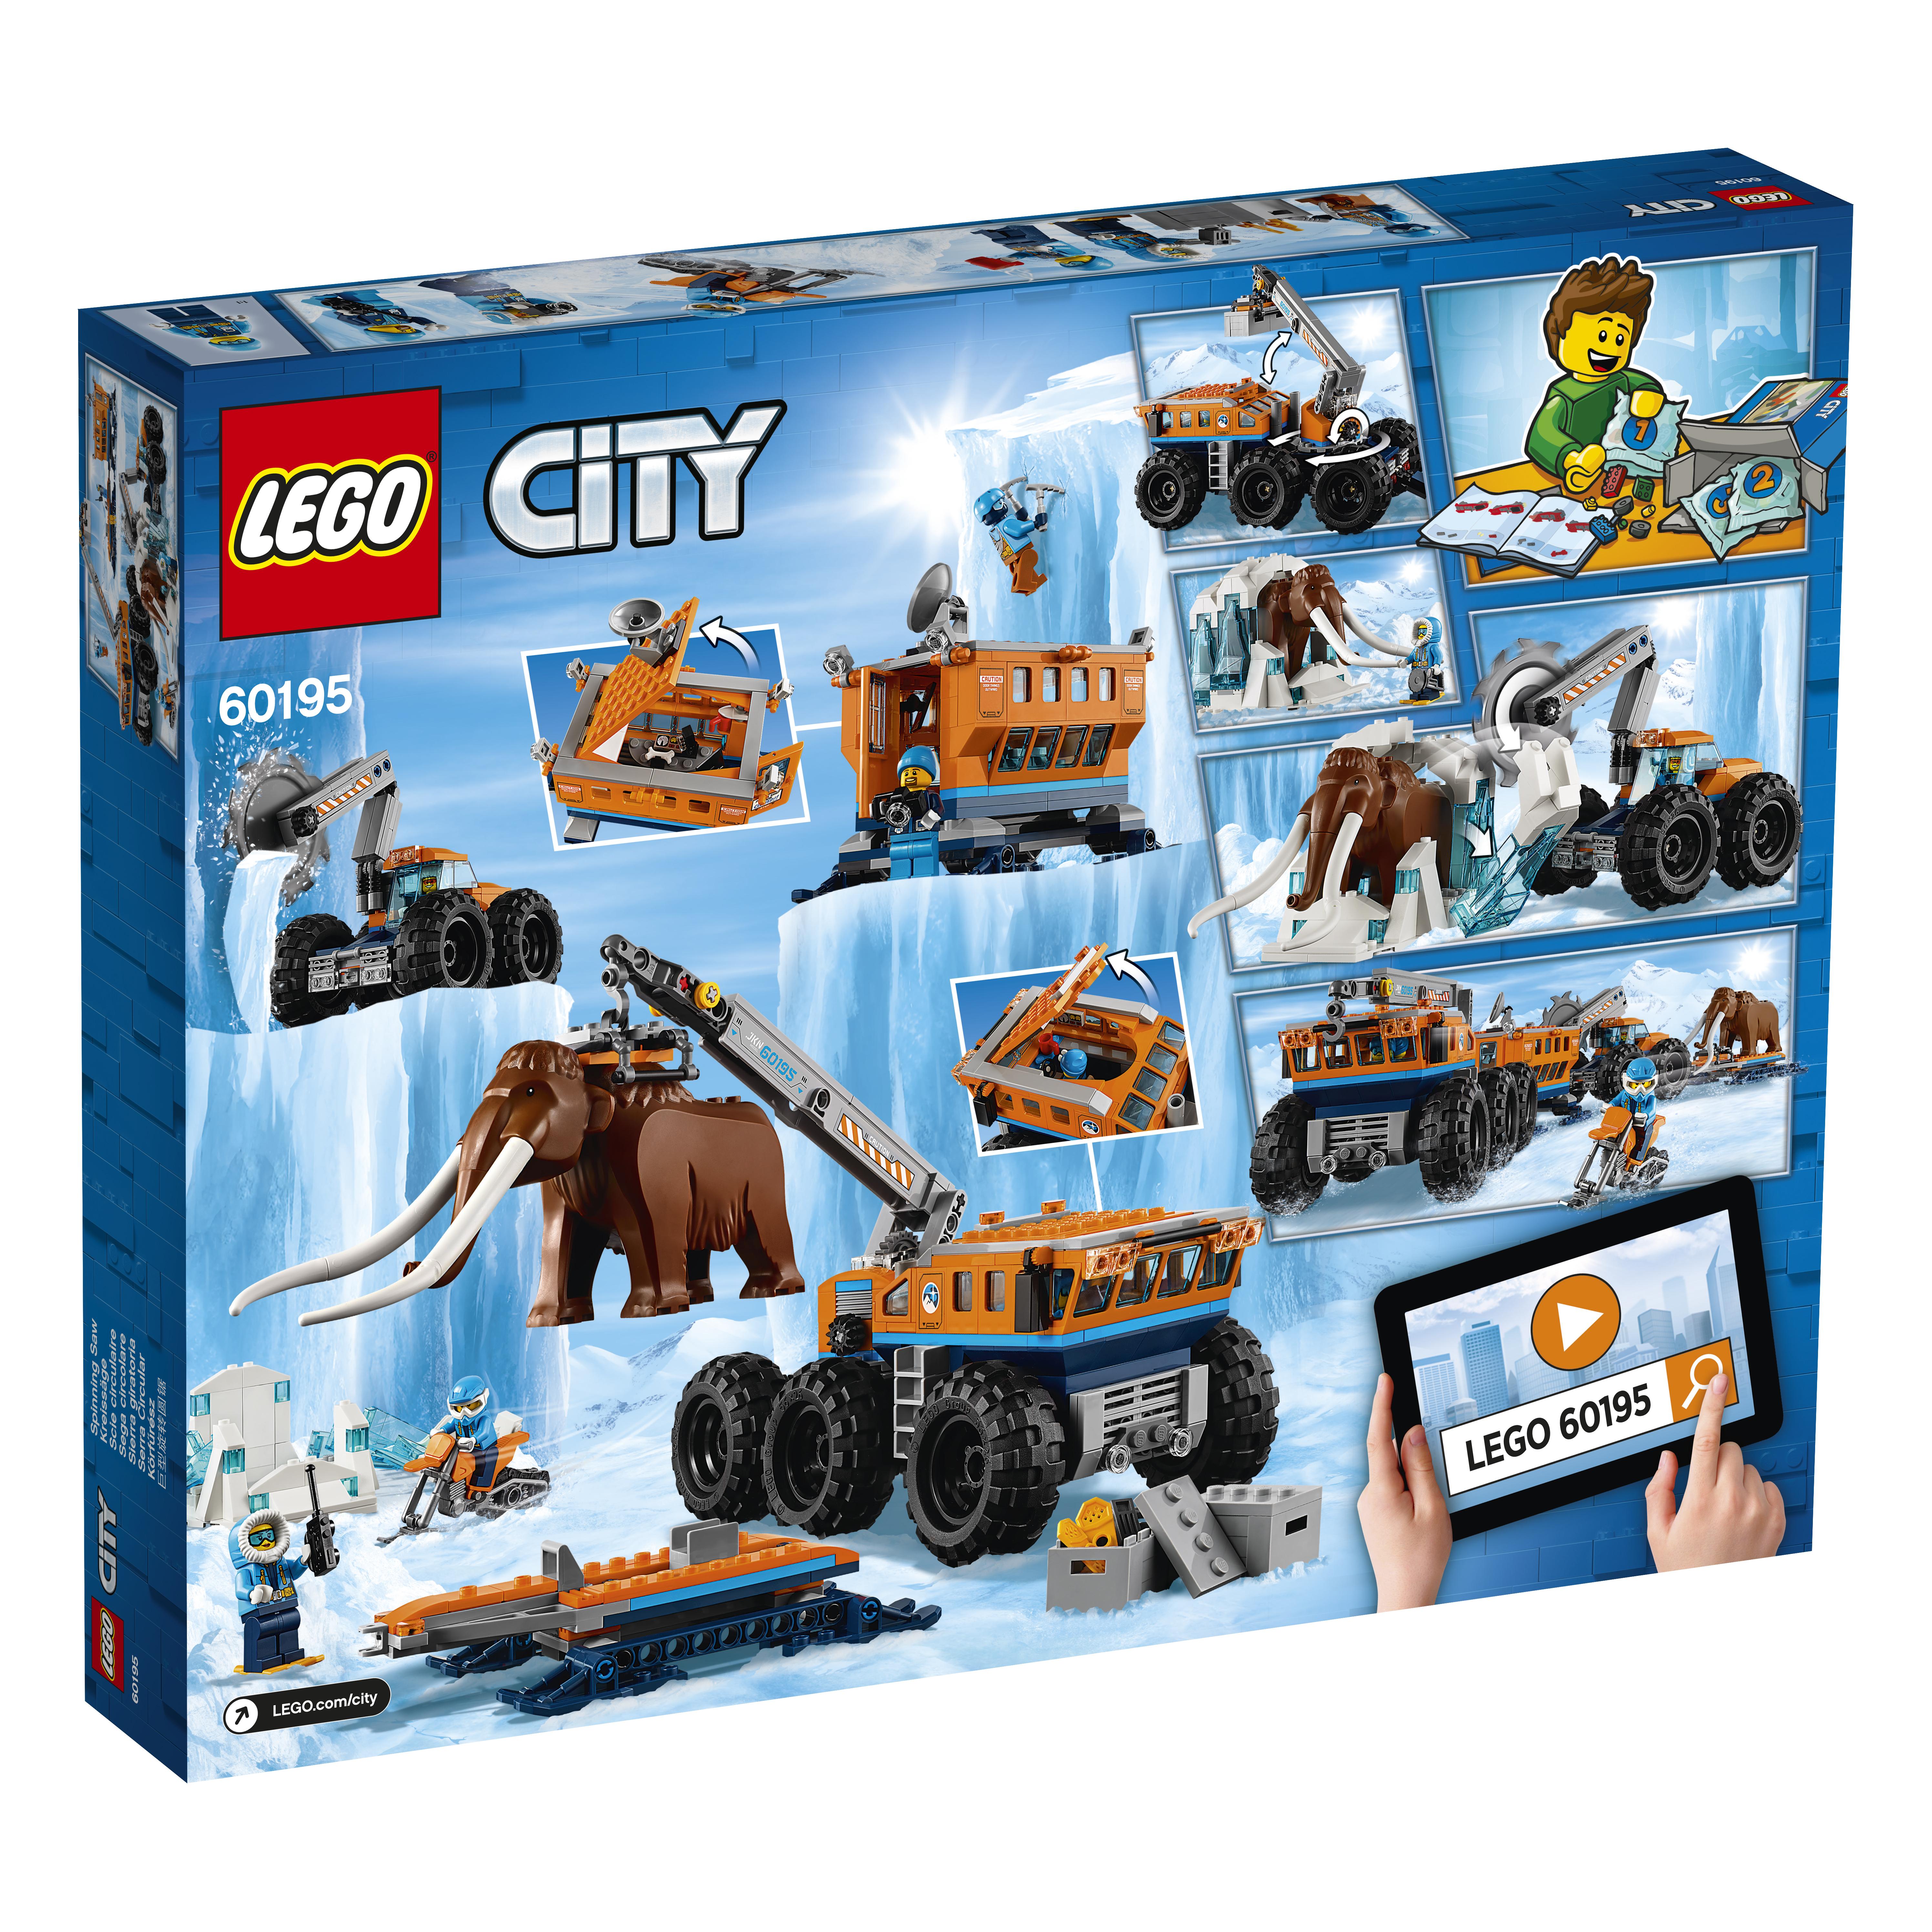 LEGO LEGO Конструктор LEGO City Arctic Expedition 60195 Передвижная арктическая база lego lego city 60080 космодром